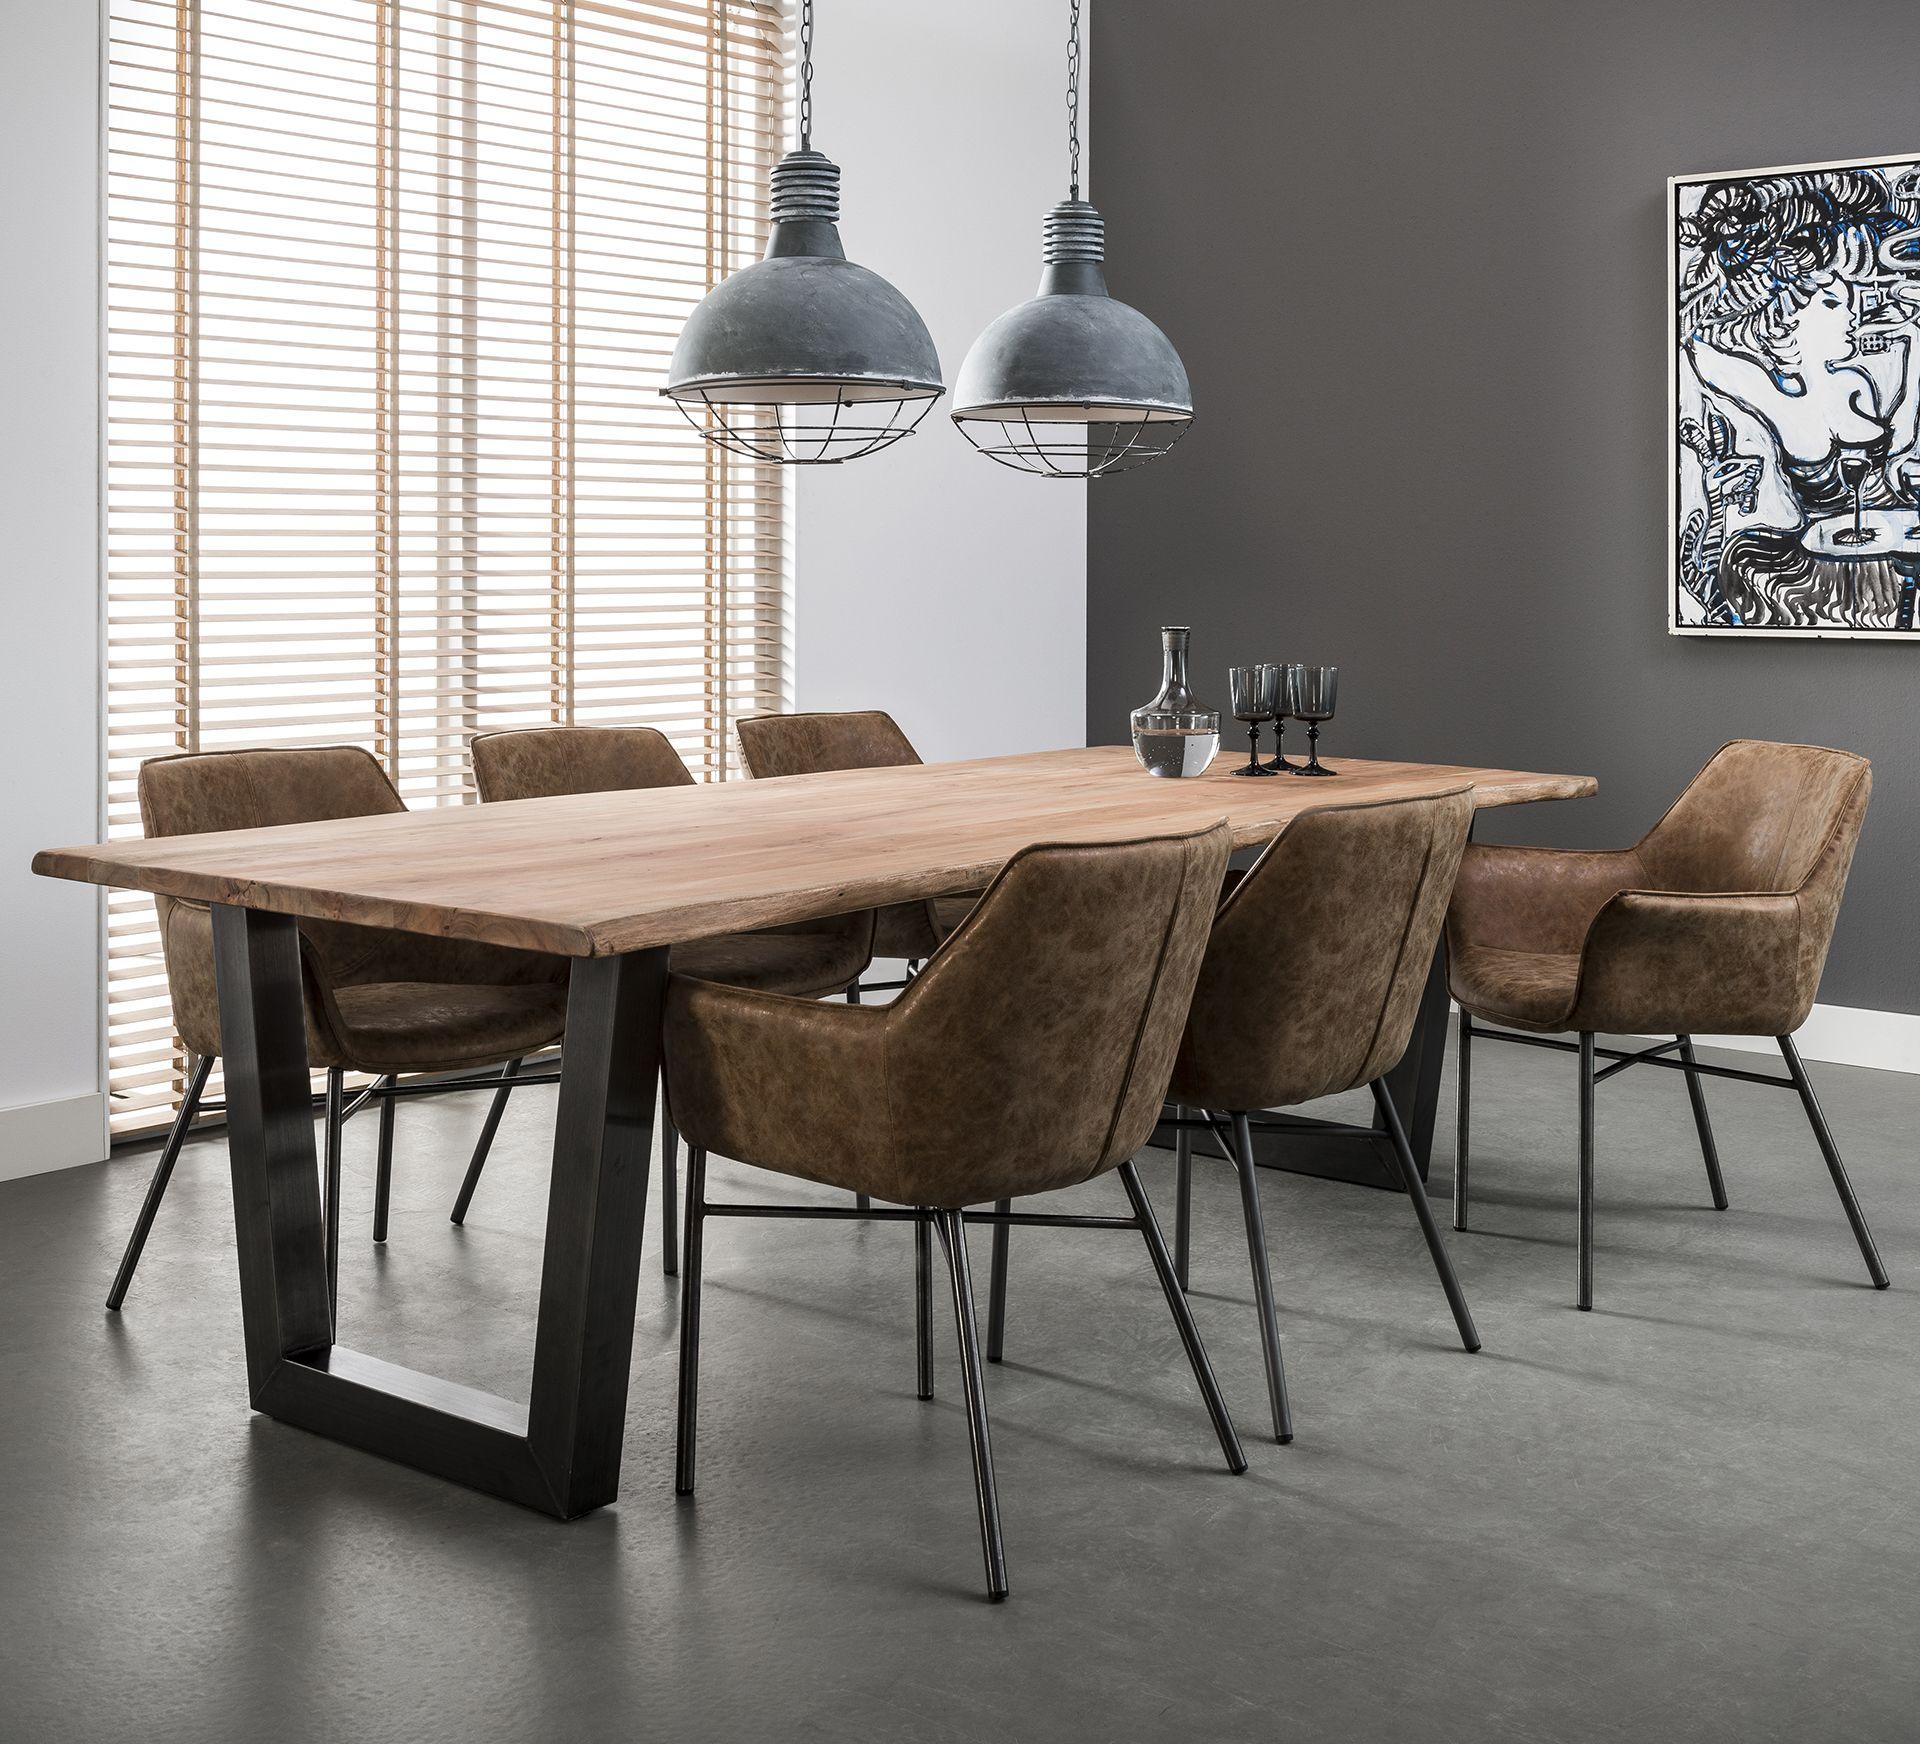 Table de salle à manger rectangulaire en bois et métal